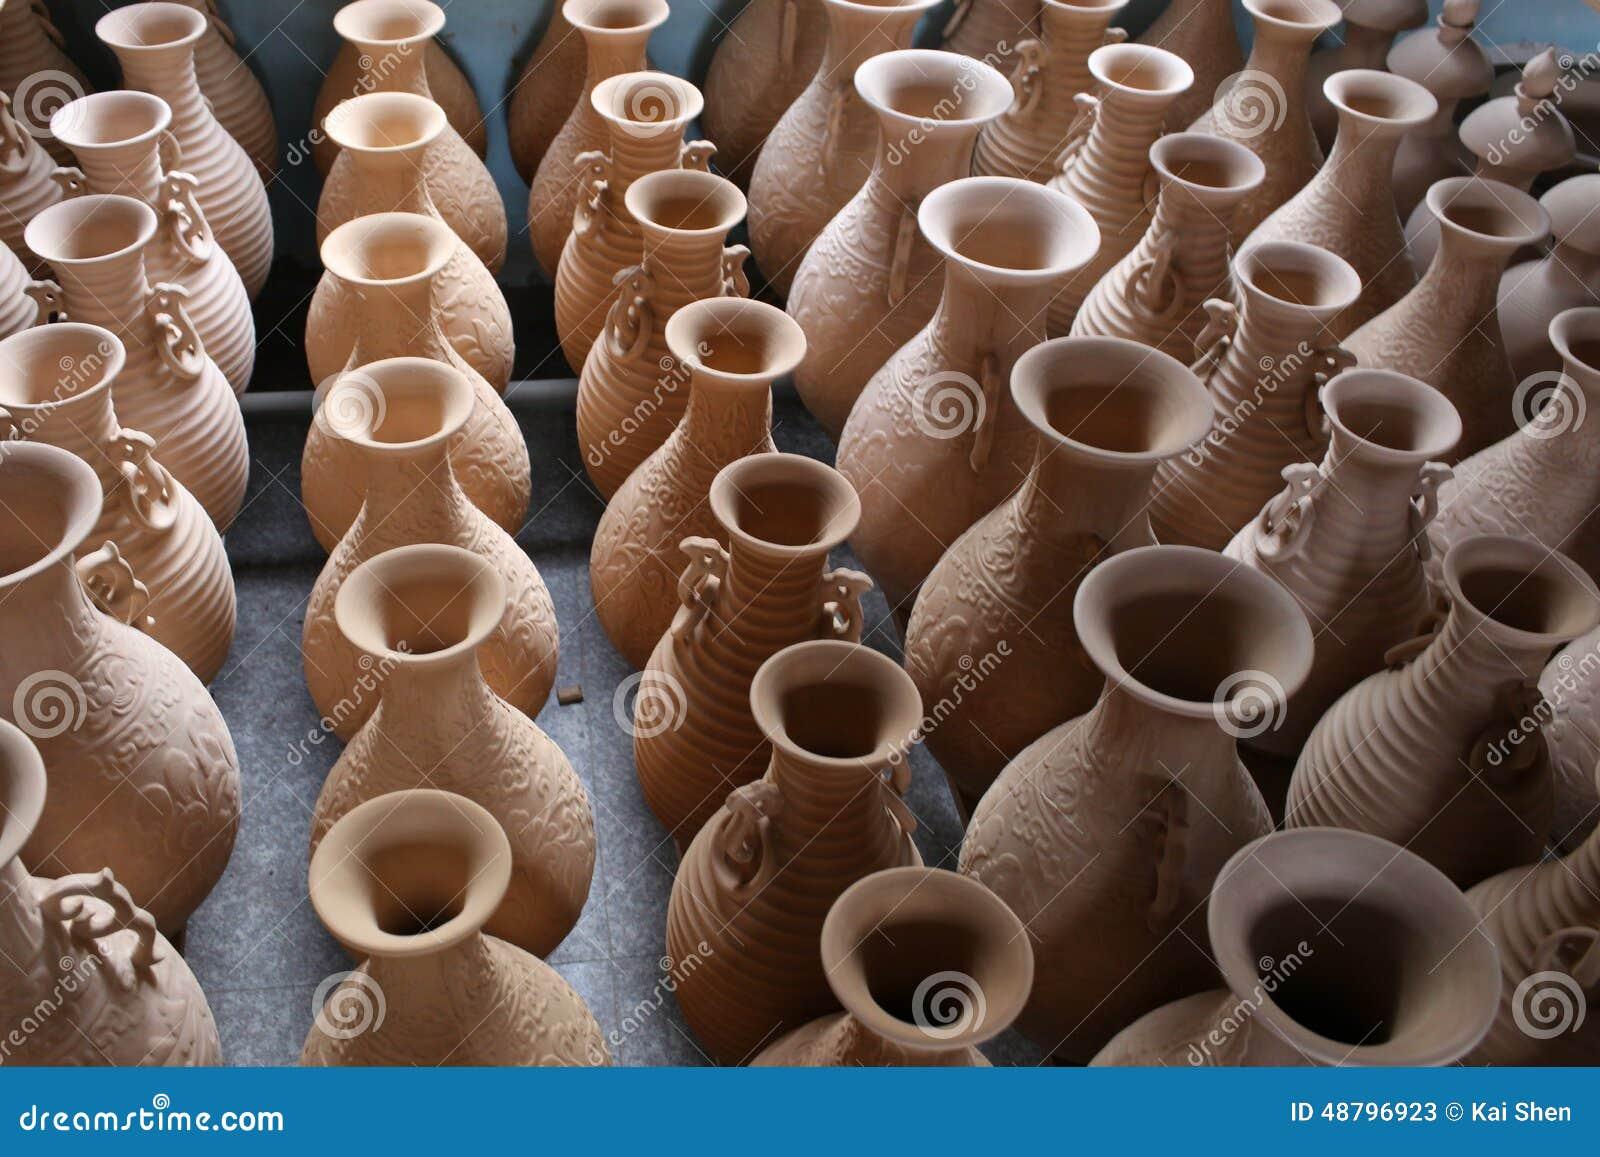 Celadon in yue kiln